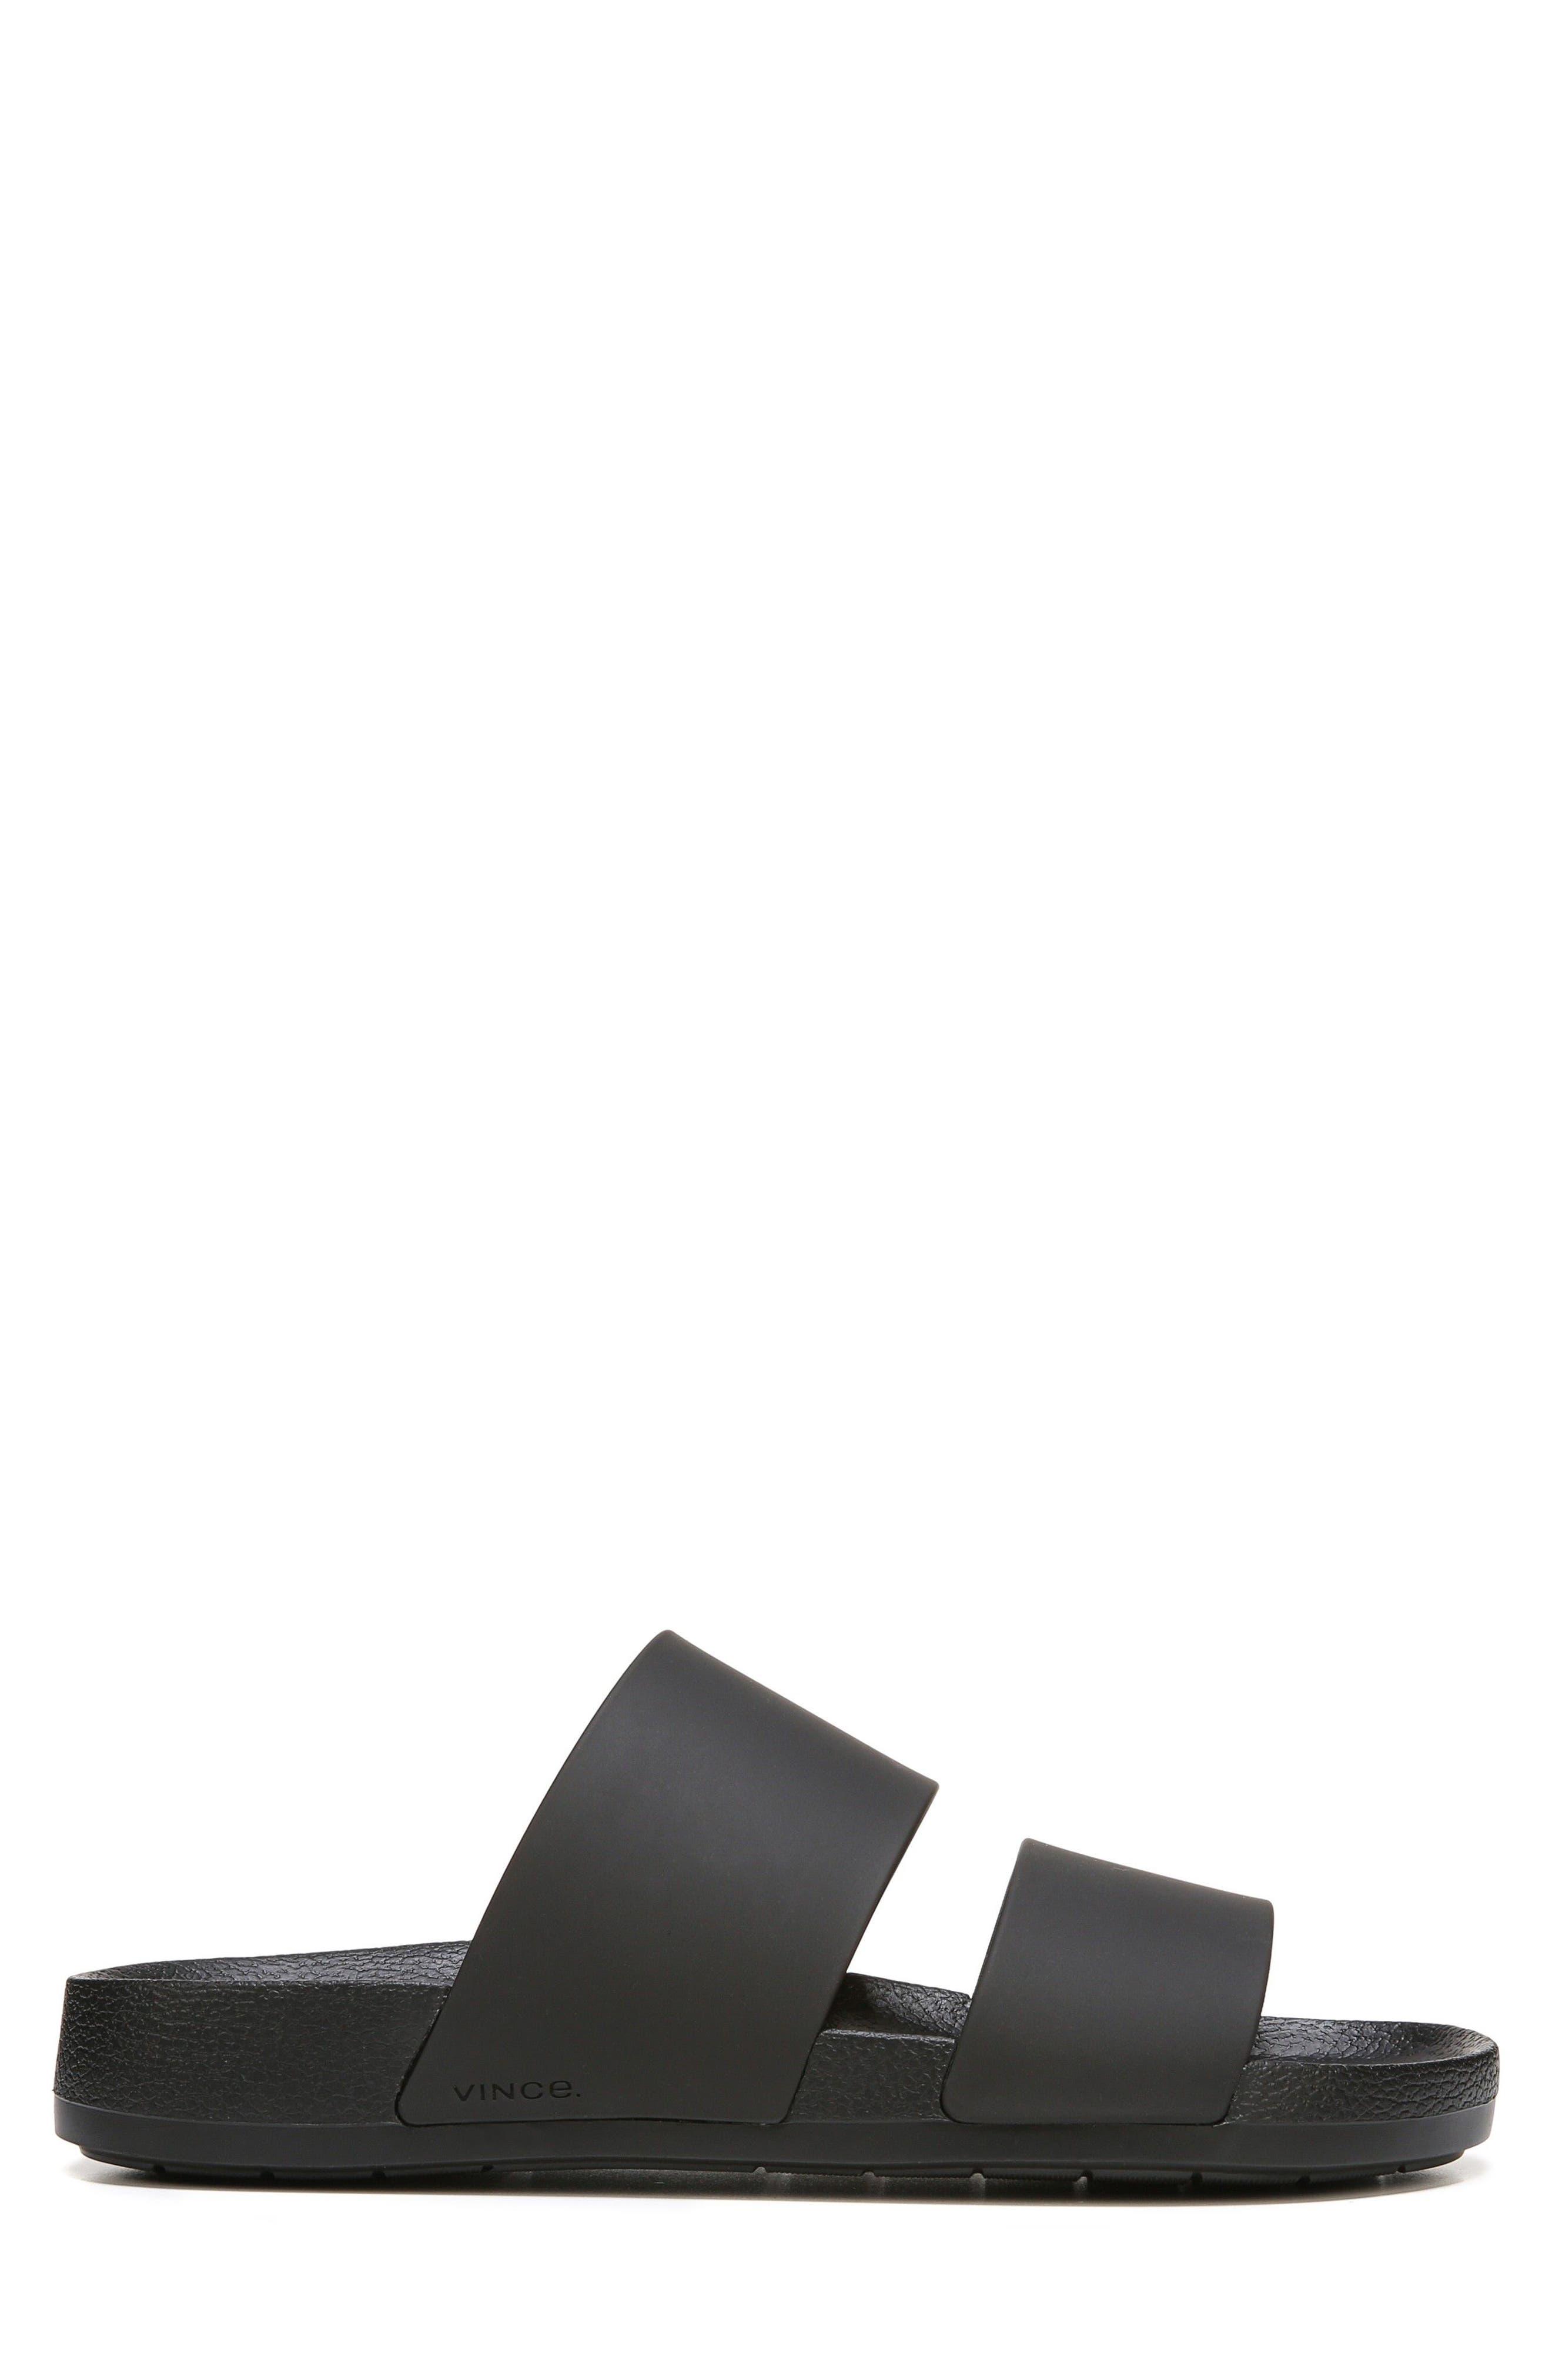 Mariner Slide Sandal,                             Alternate thumbnail 3, color,                             001